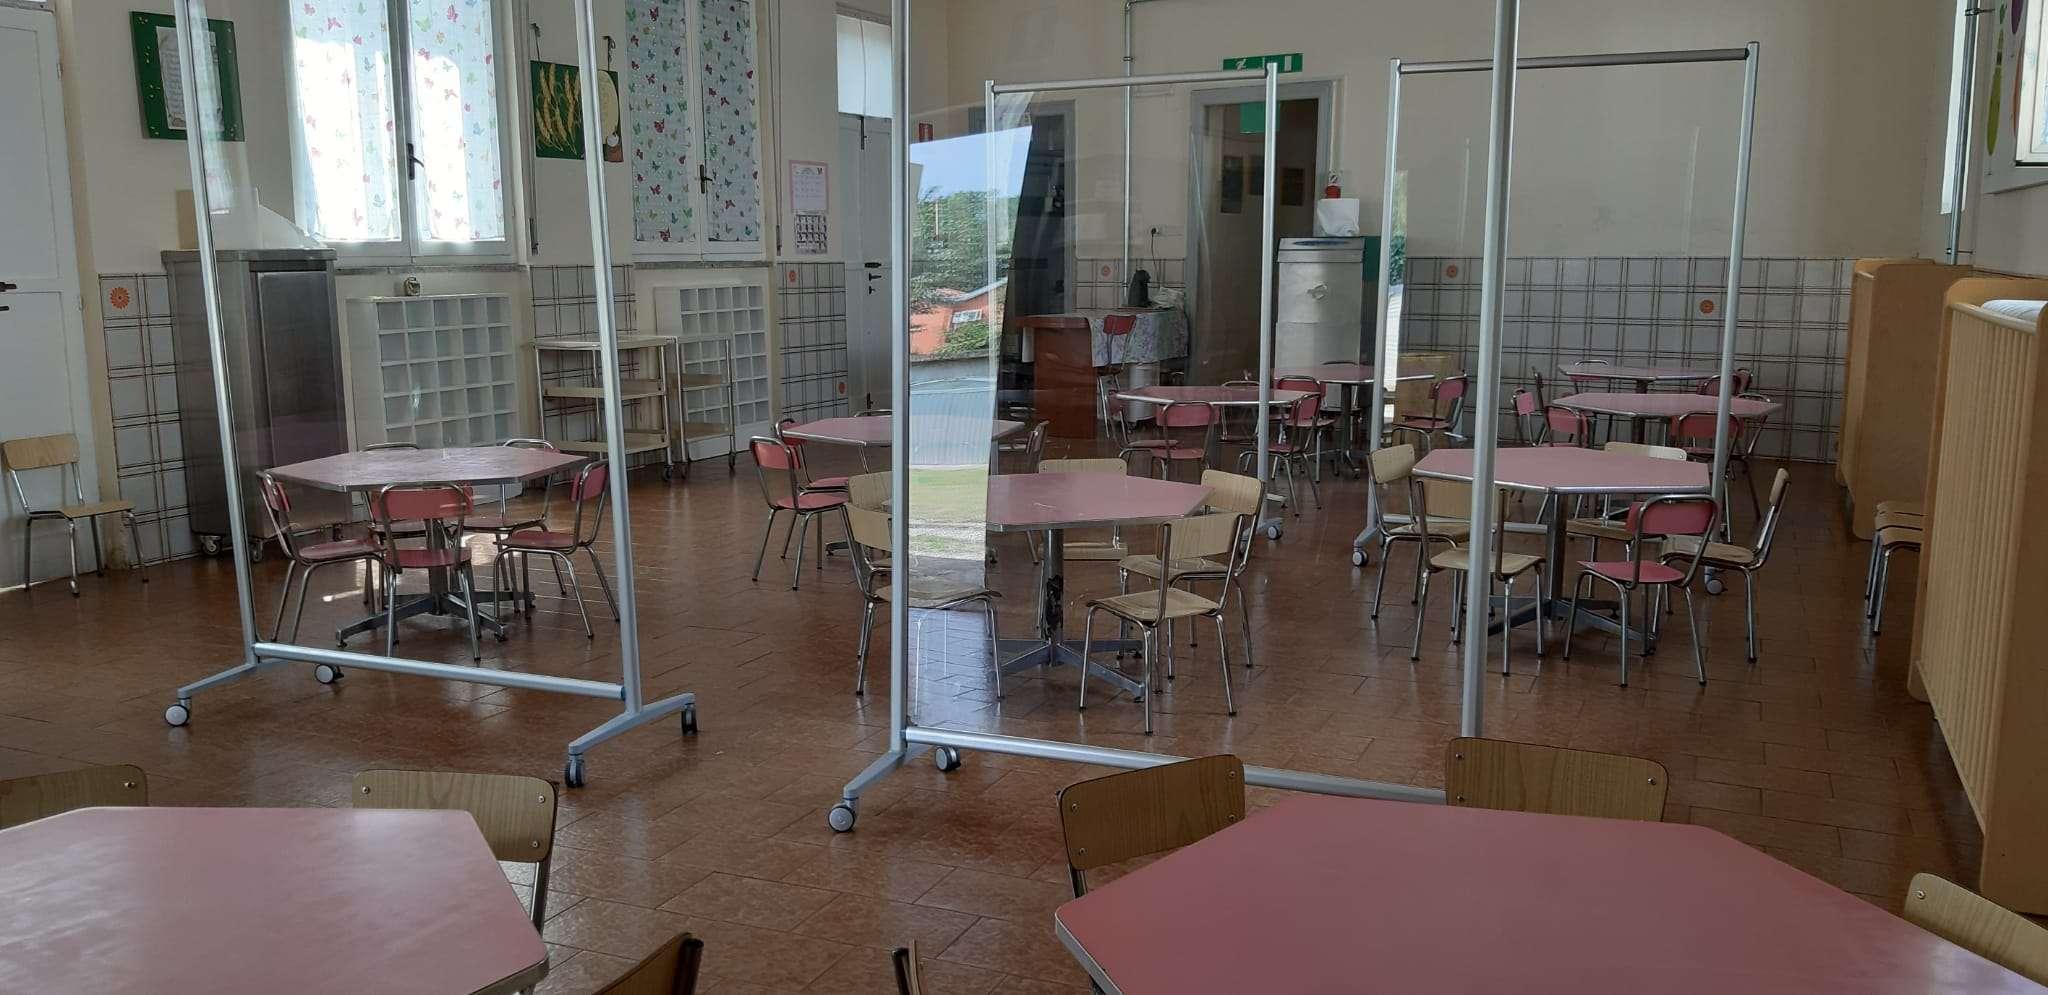 primo giorno scuola 20204 - Scuola Materna Peschiera Borromeo